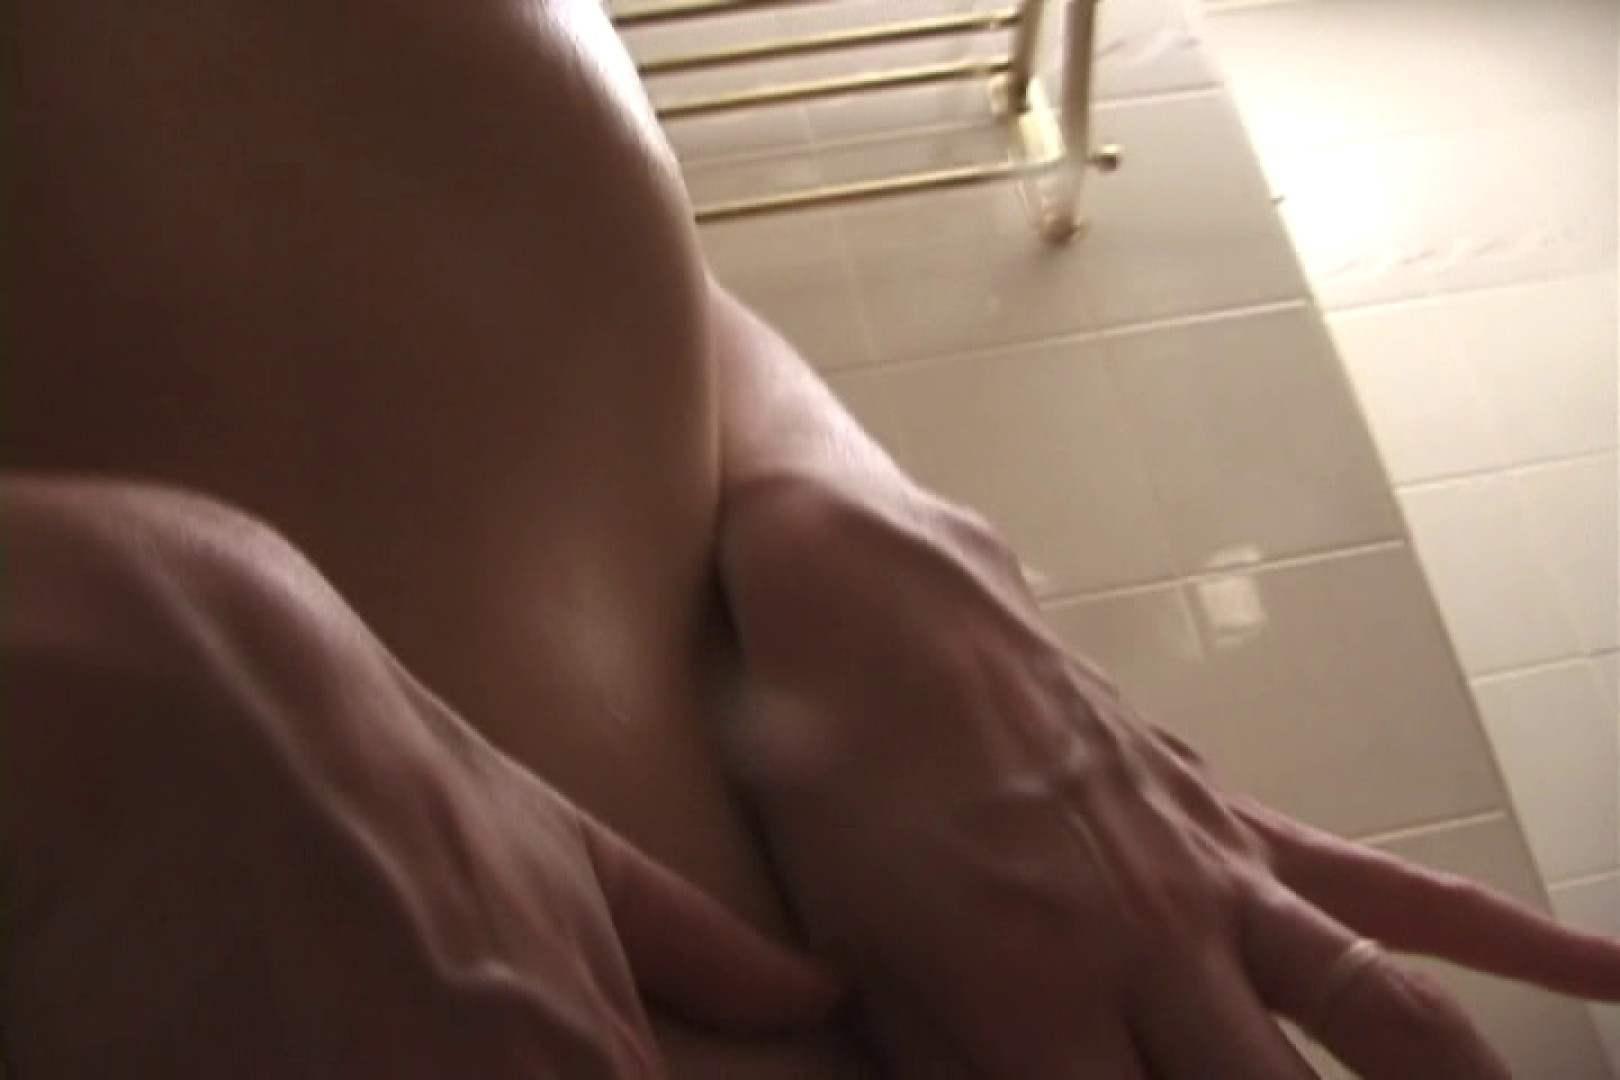 淫乱人妻に癒しを求める若い彼~川口早苗~ フェラ | マンコ  58pic 21